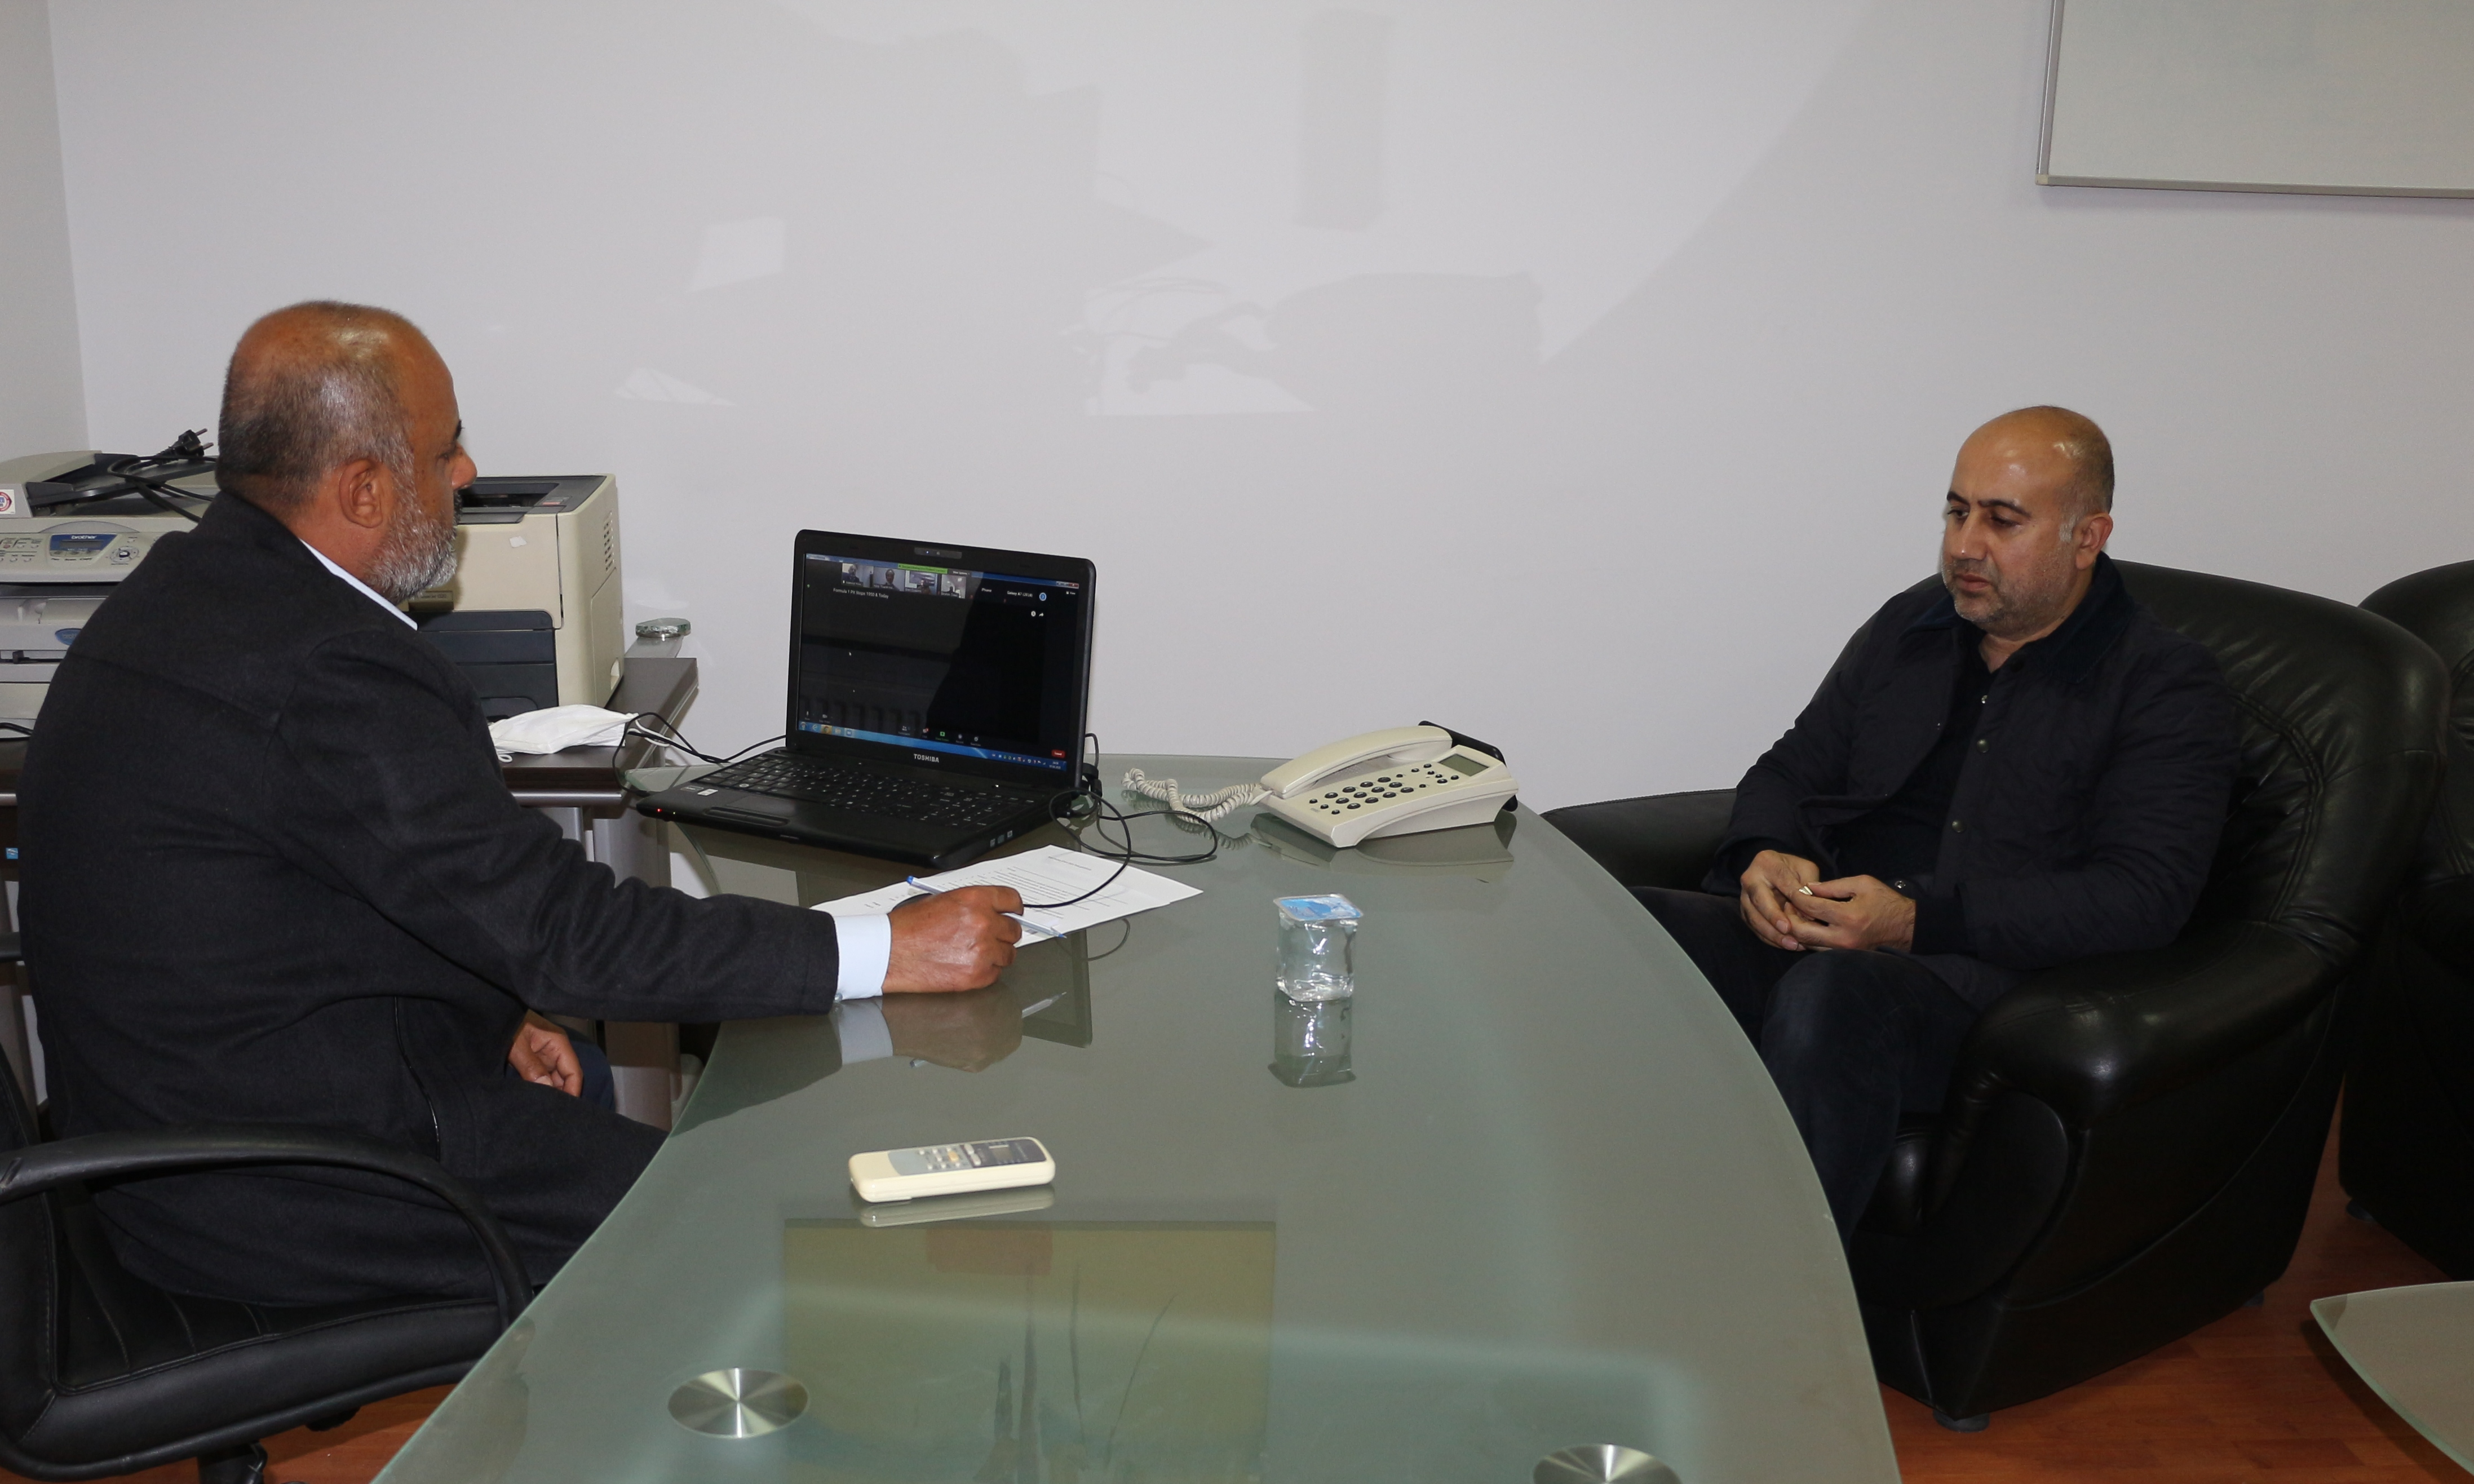 Proje Yönetimi Ve Çevik Dönüşüm Semineri NTO'da Dü...